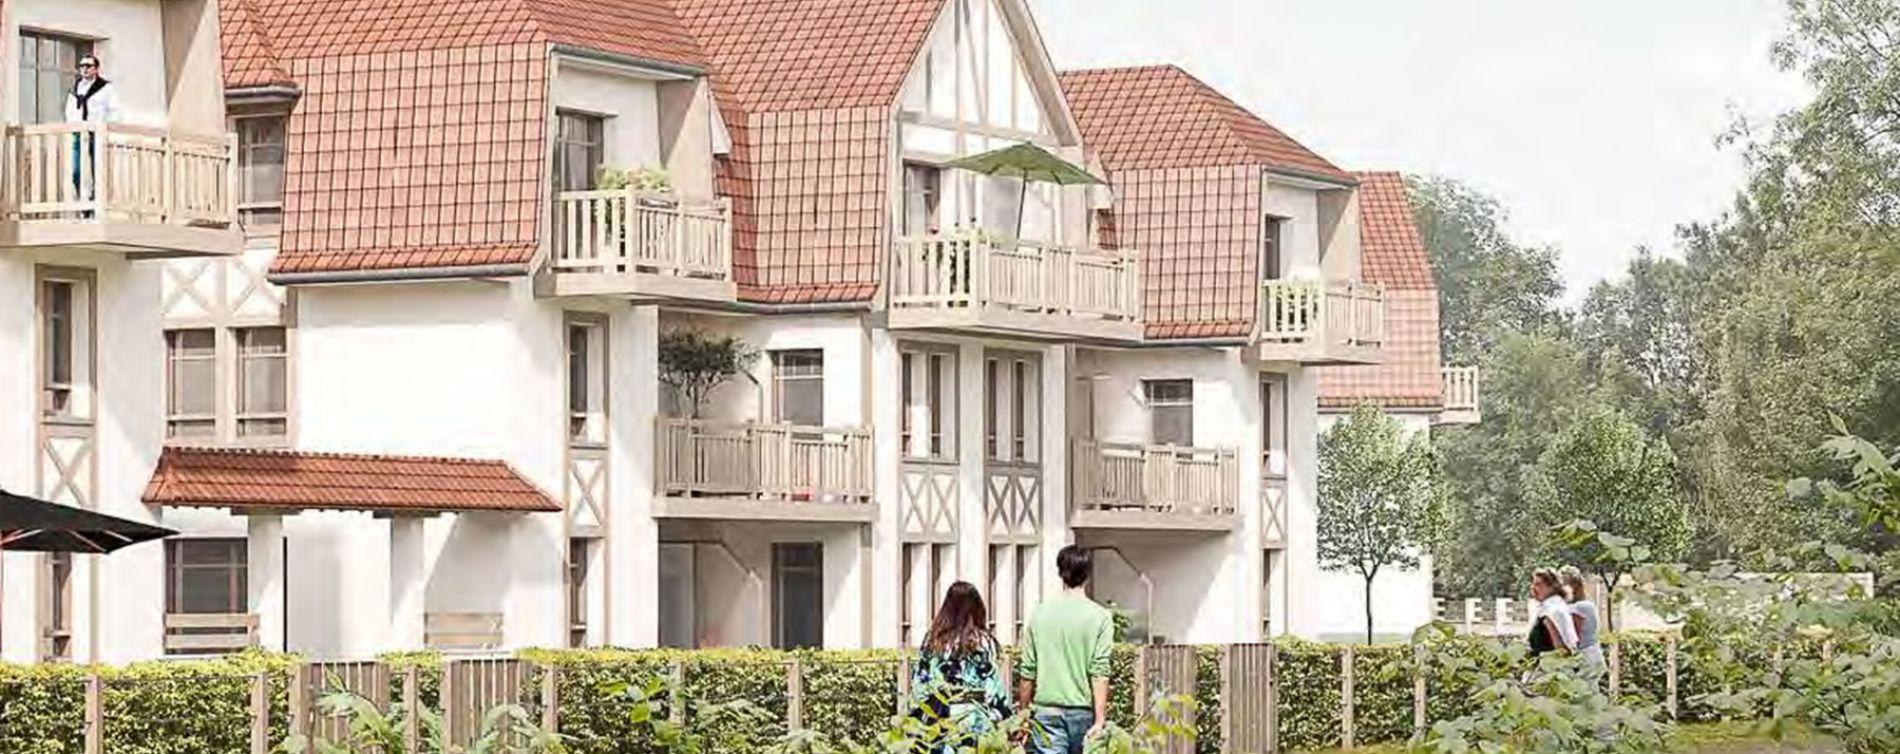 Résidence Villas Saint Wary à Saint-Valery-sur-Somme